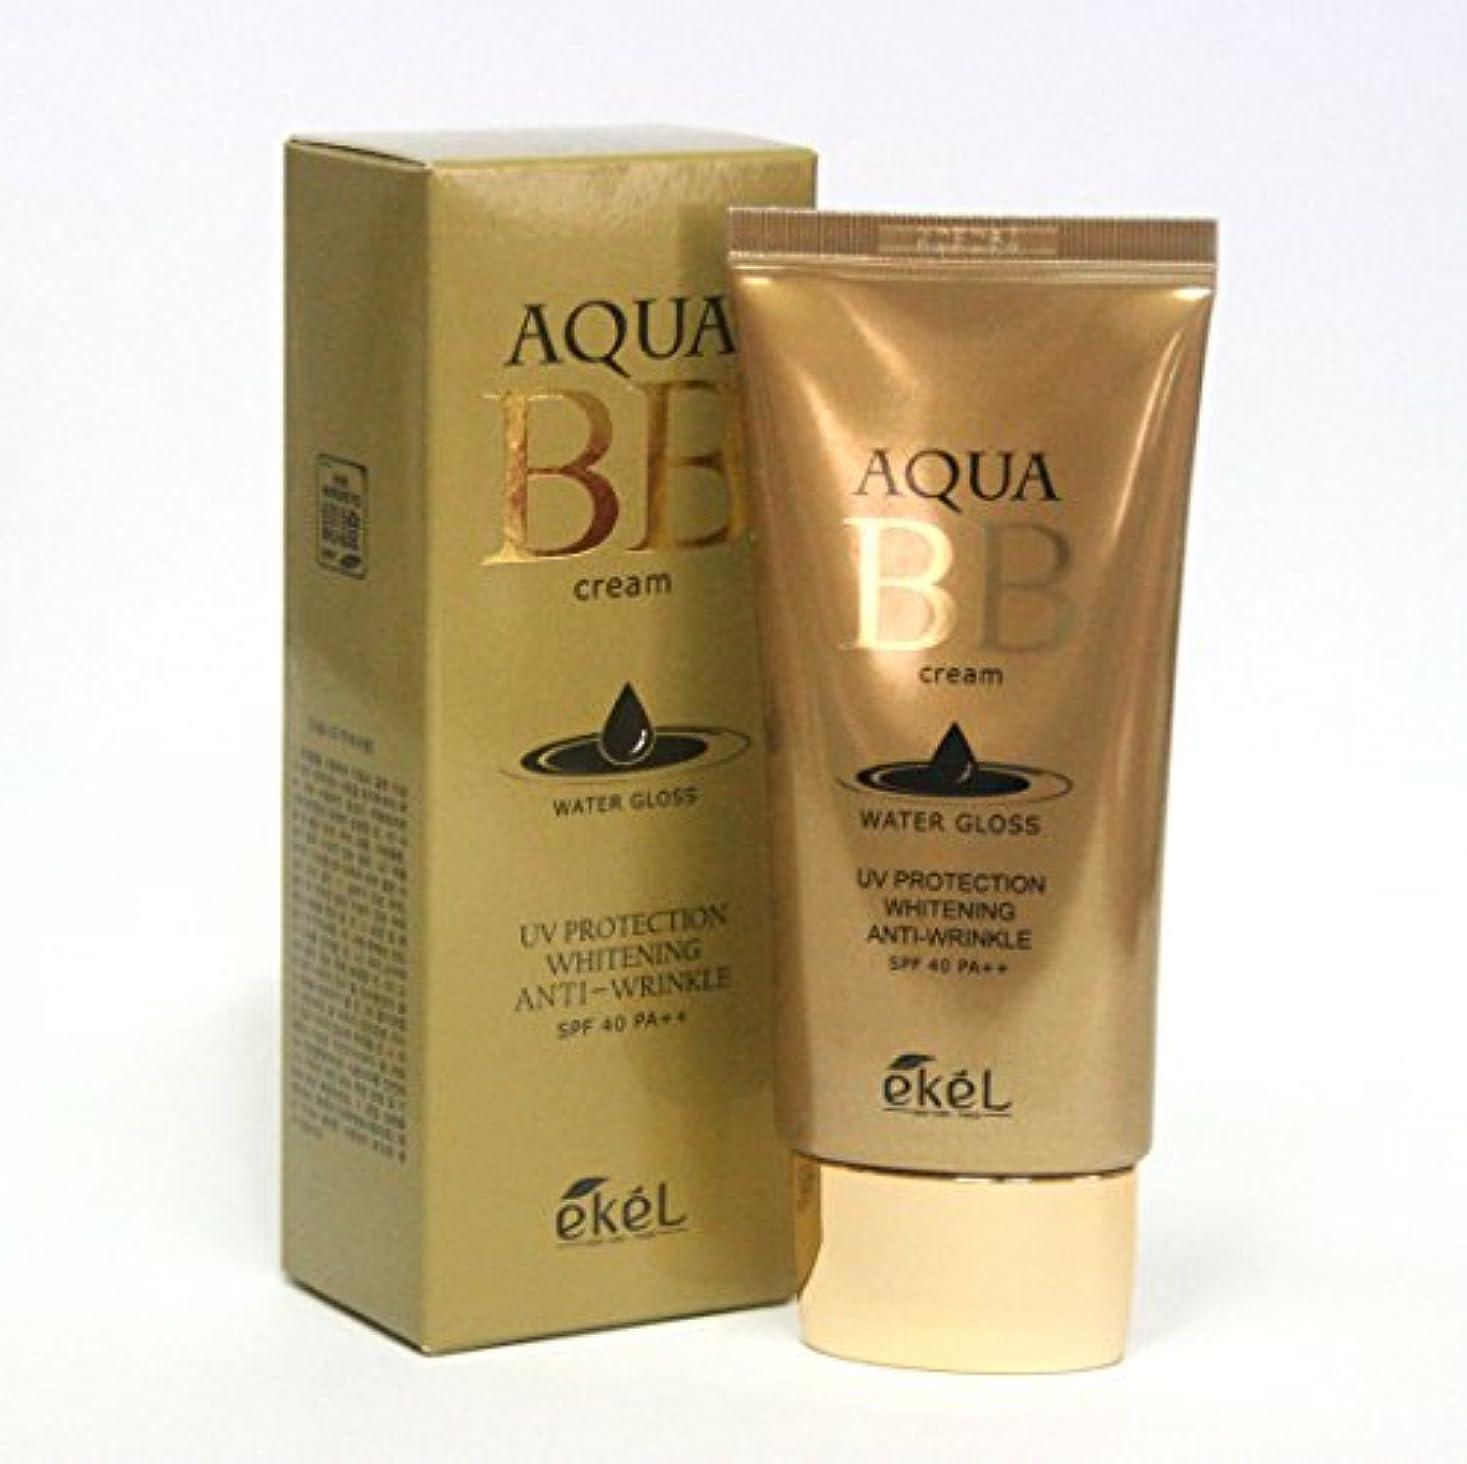 計算可能花輪計算[Ekel] アクアBBウォーターグロスクリーム50ml / Aqua BB Water Gloss Cream 50ml / ワイトニングアンチリンクルSPF40 PA++ / Whitening Anti-wrinkle...